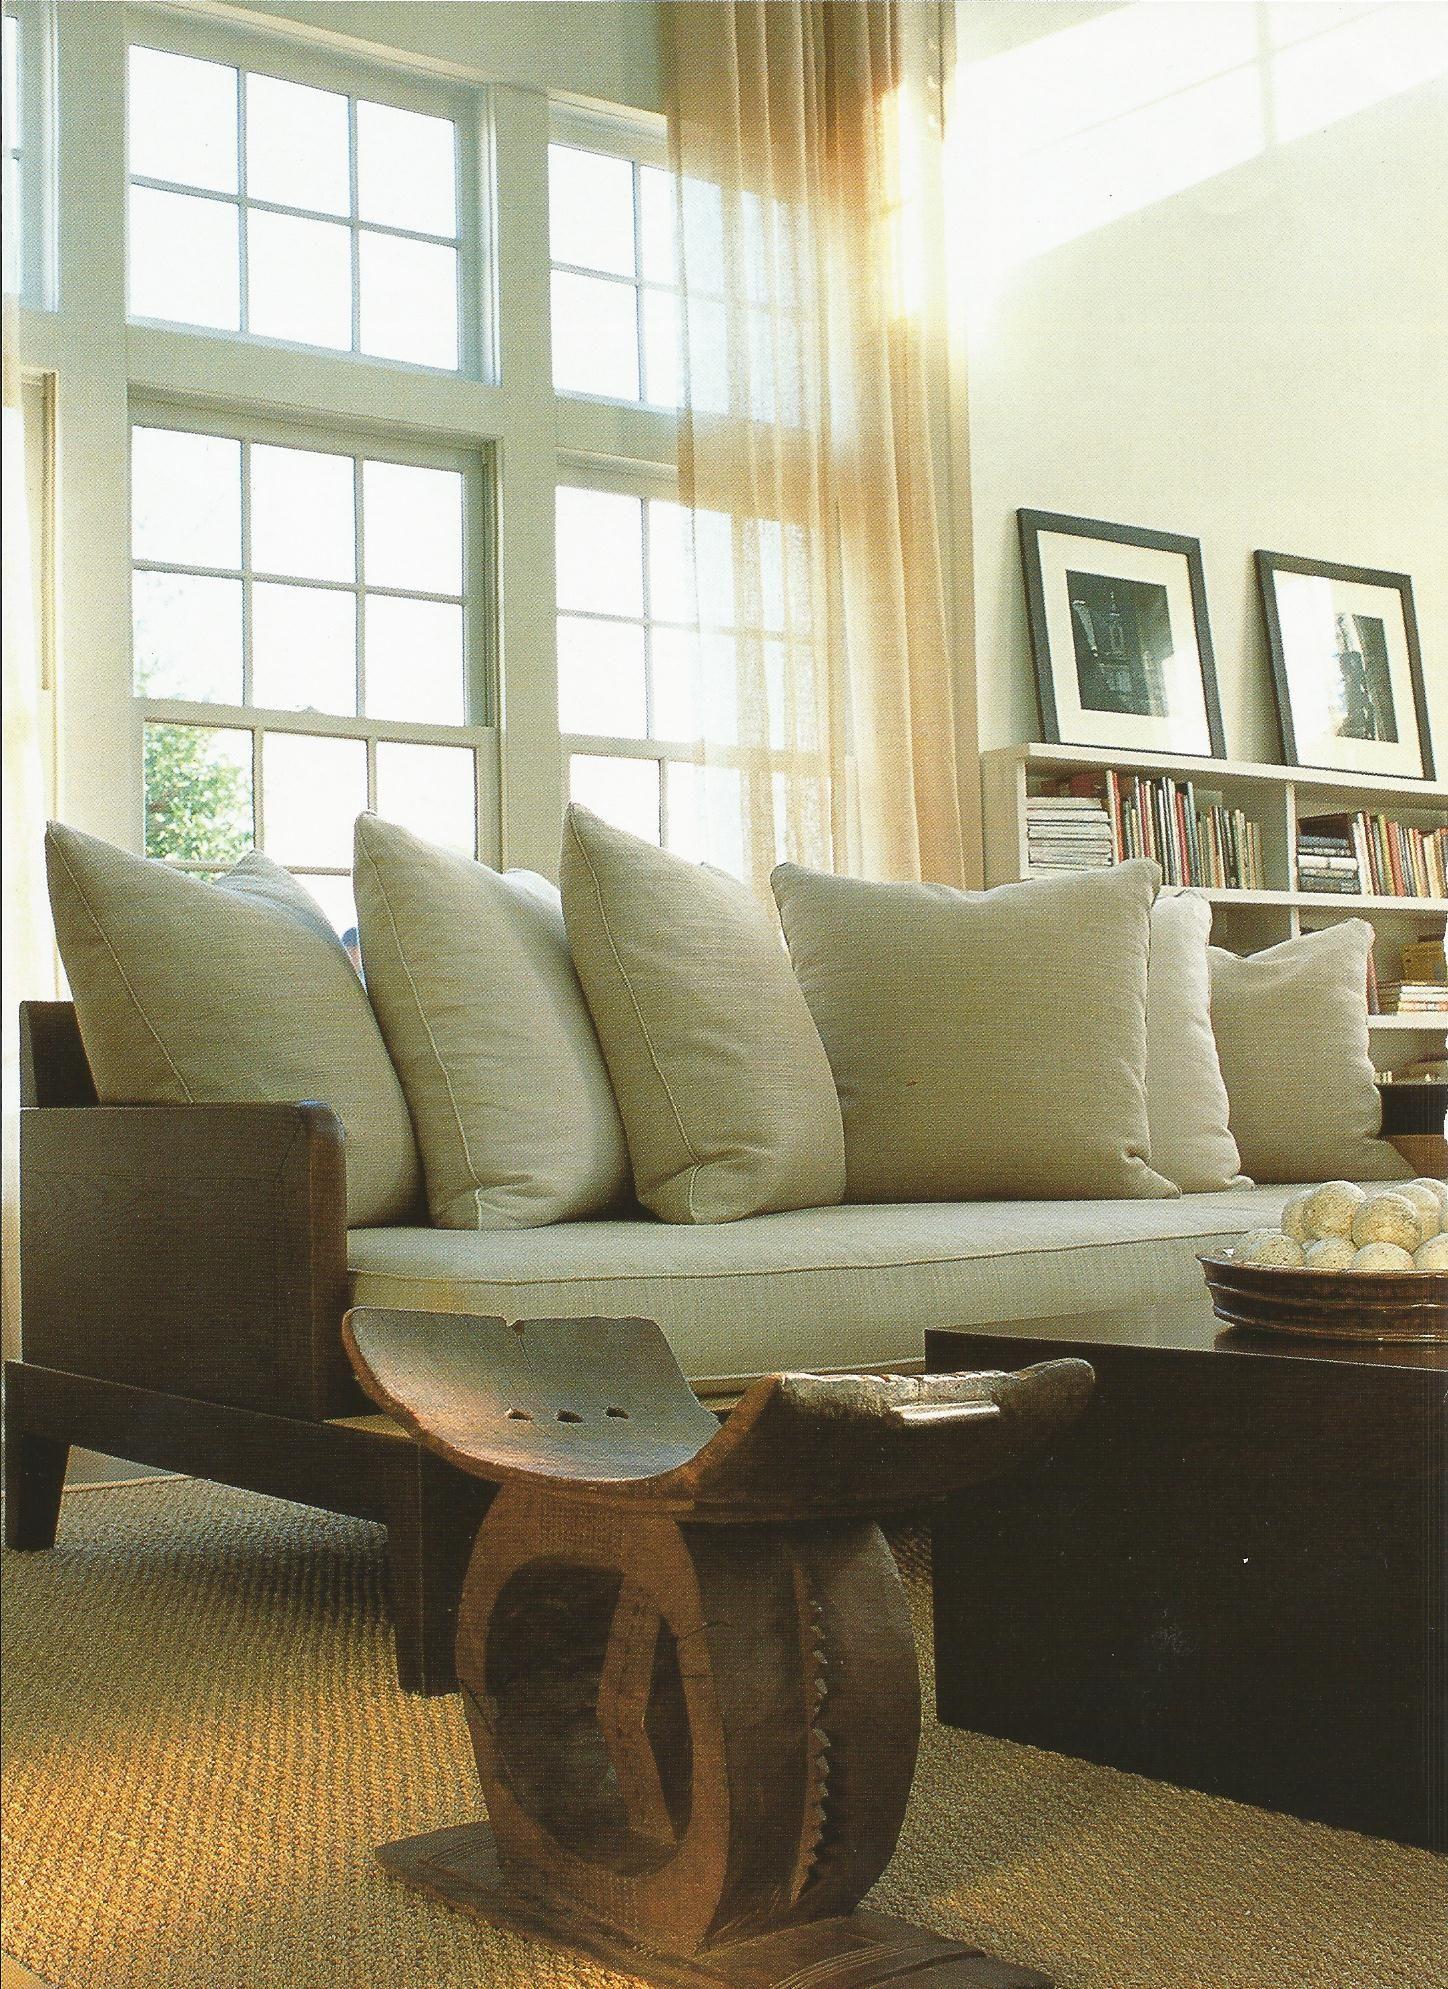 In Living Room Of Designer James 'auria Pair